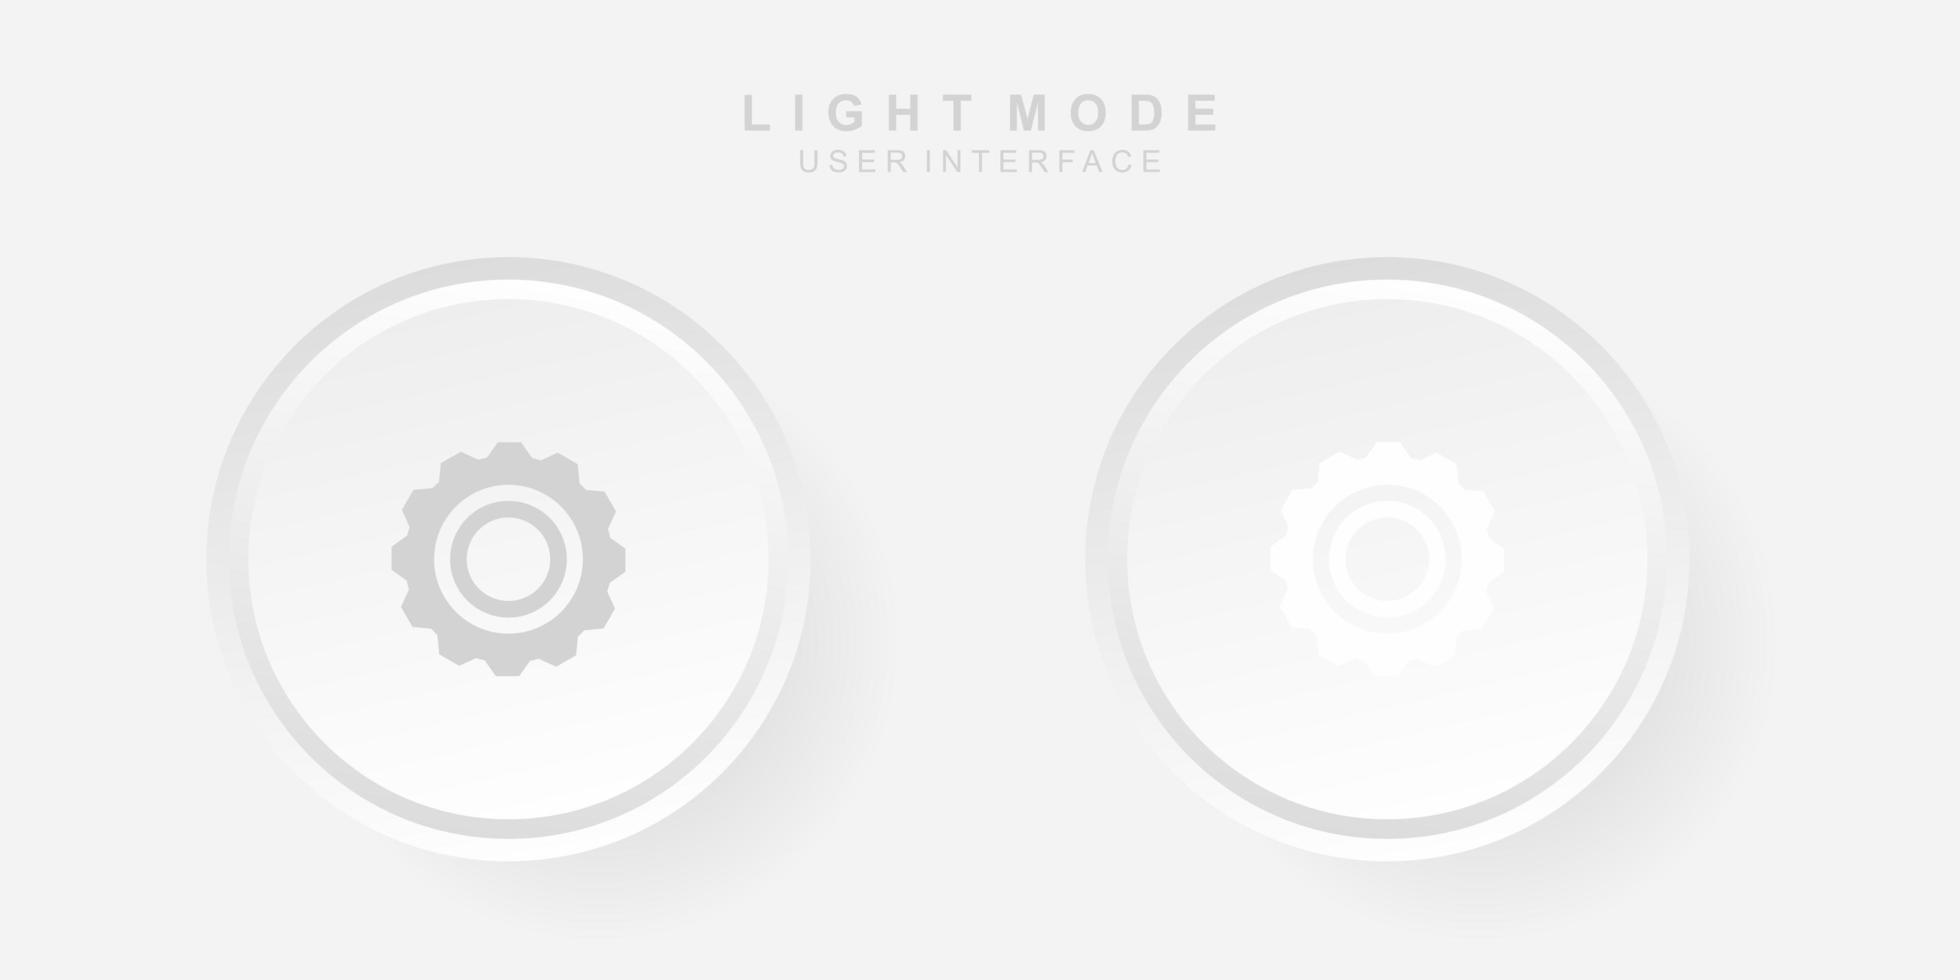 interface utilisateur de réglage créatif simple dans la conception de neumorphisme. simple, moderne et minimaliste. vecteur